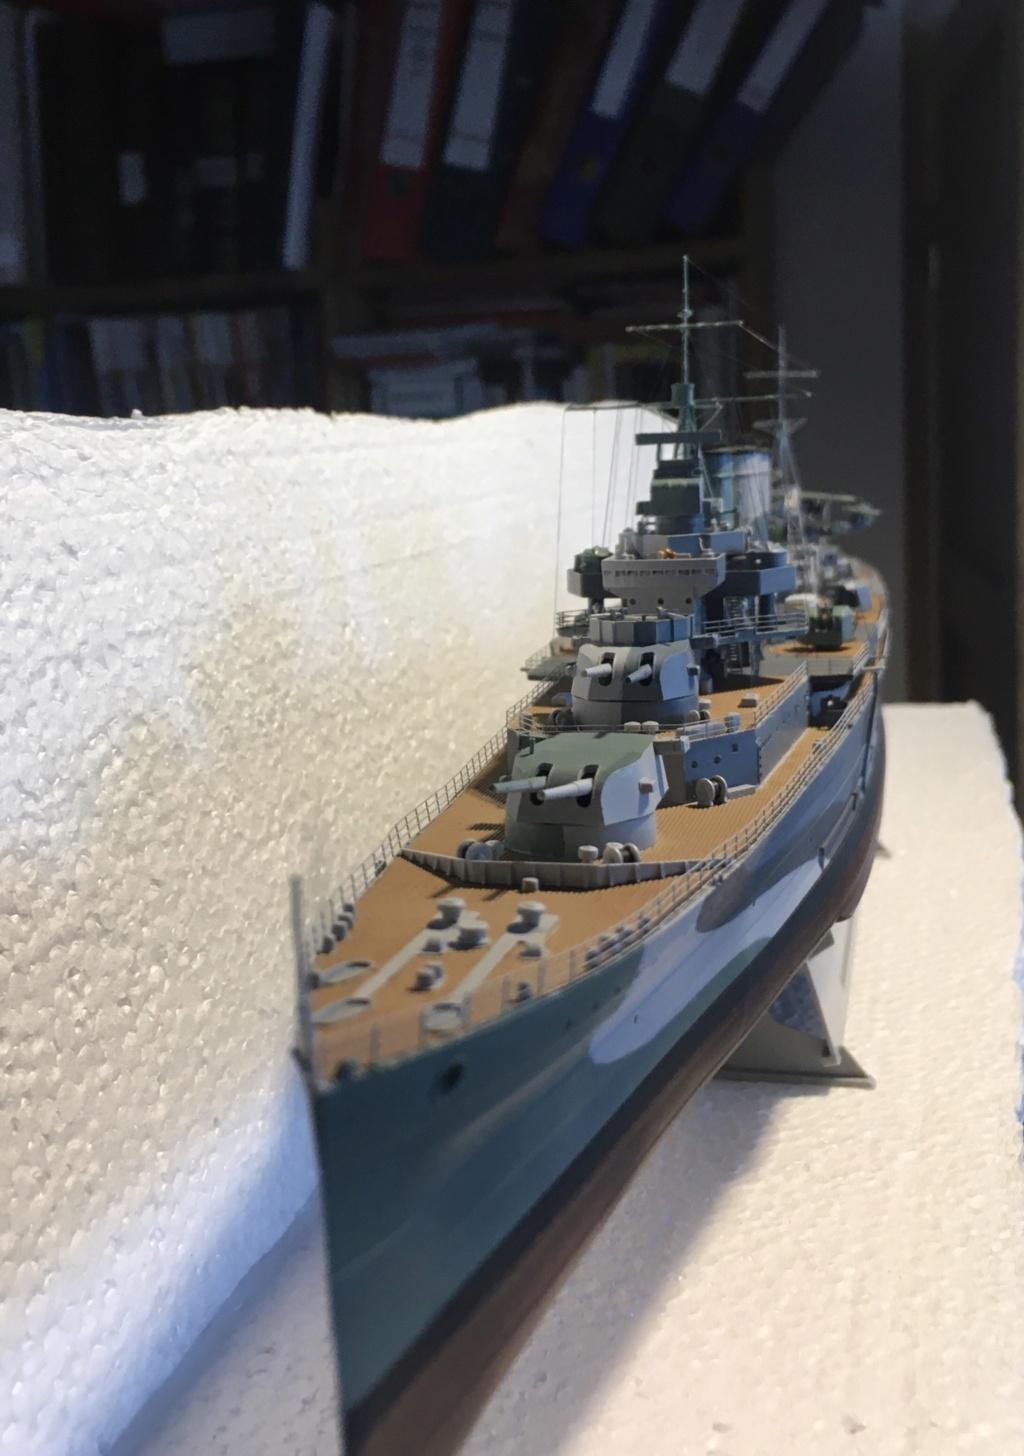 Croiseur lourd HMS Kent - 1/350 - Trumpeter - Eric78 - Page 3 84e8f710